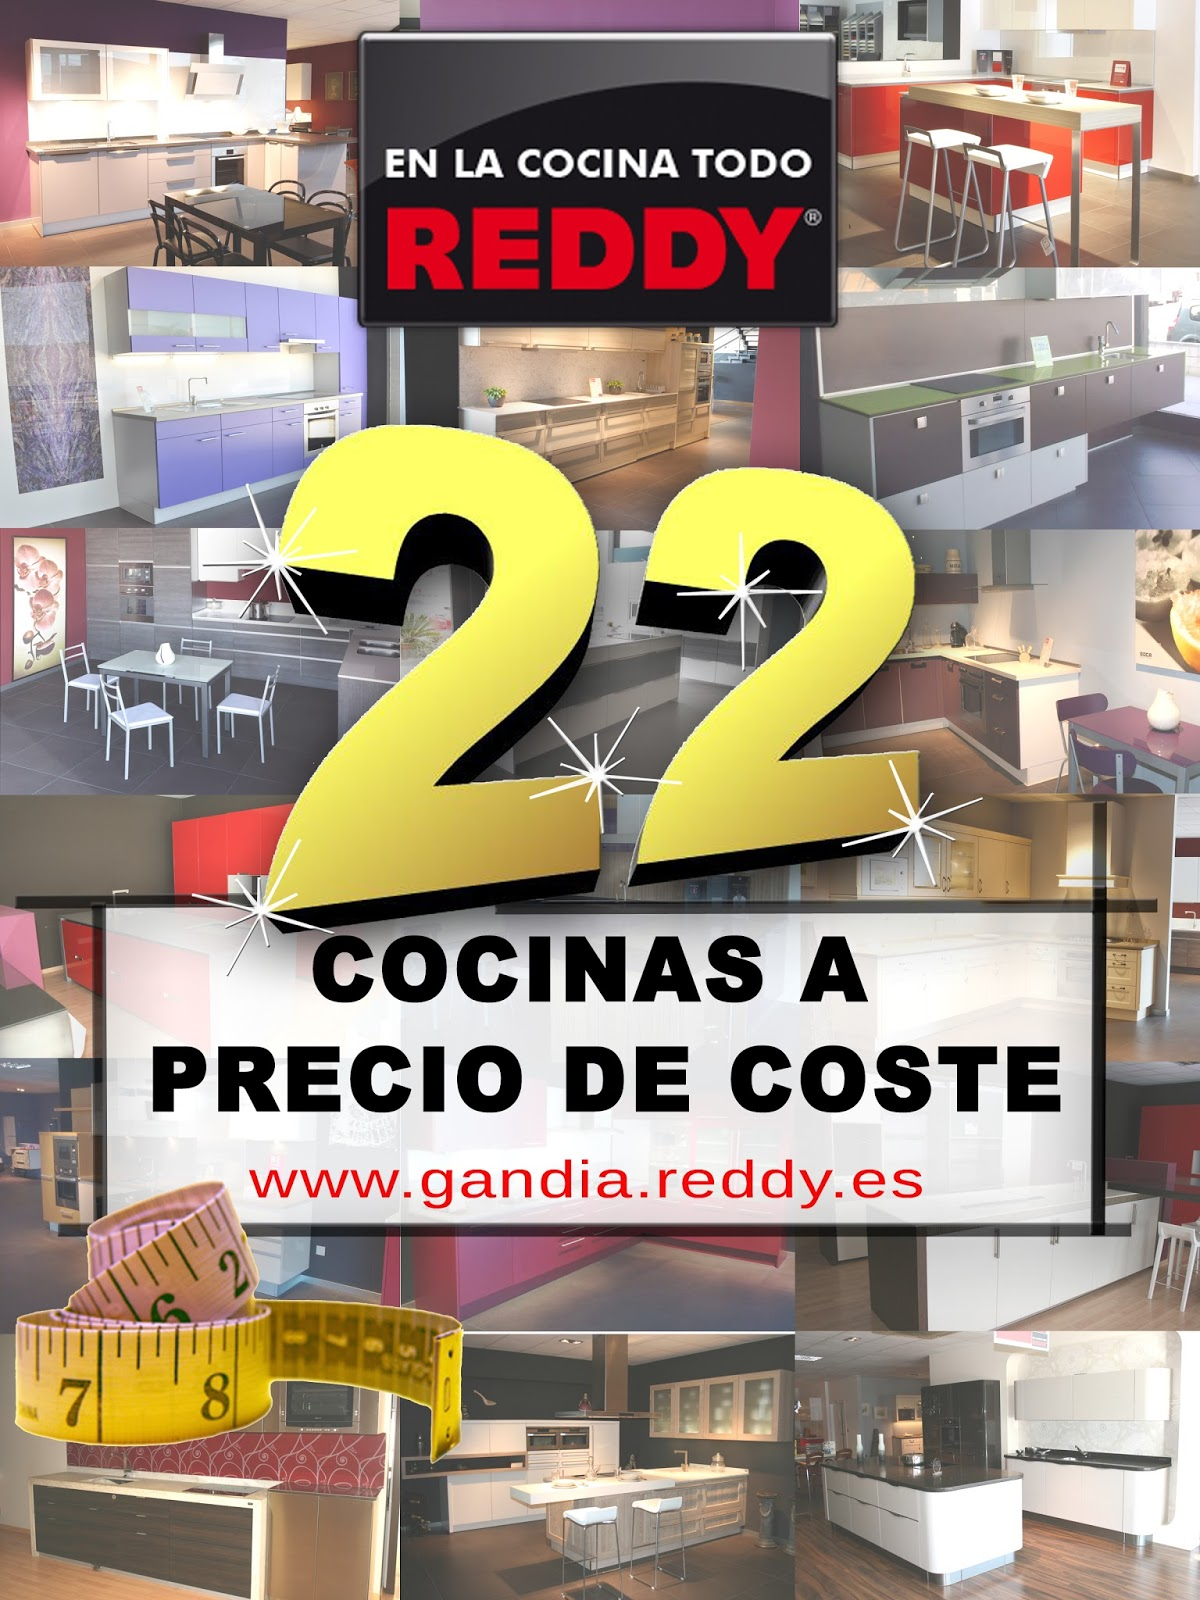 Chef cocinas gandia valencia renovacion completa de for Muebles de cocina y precios